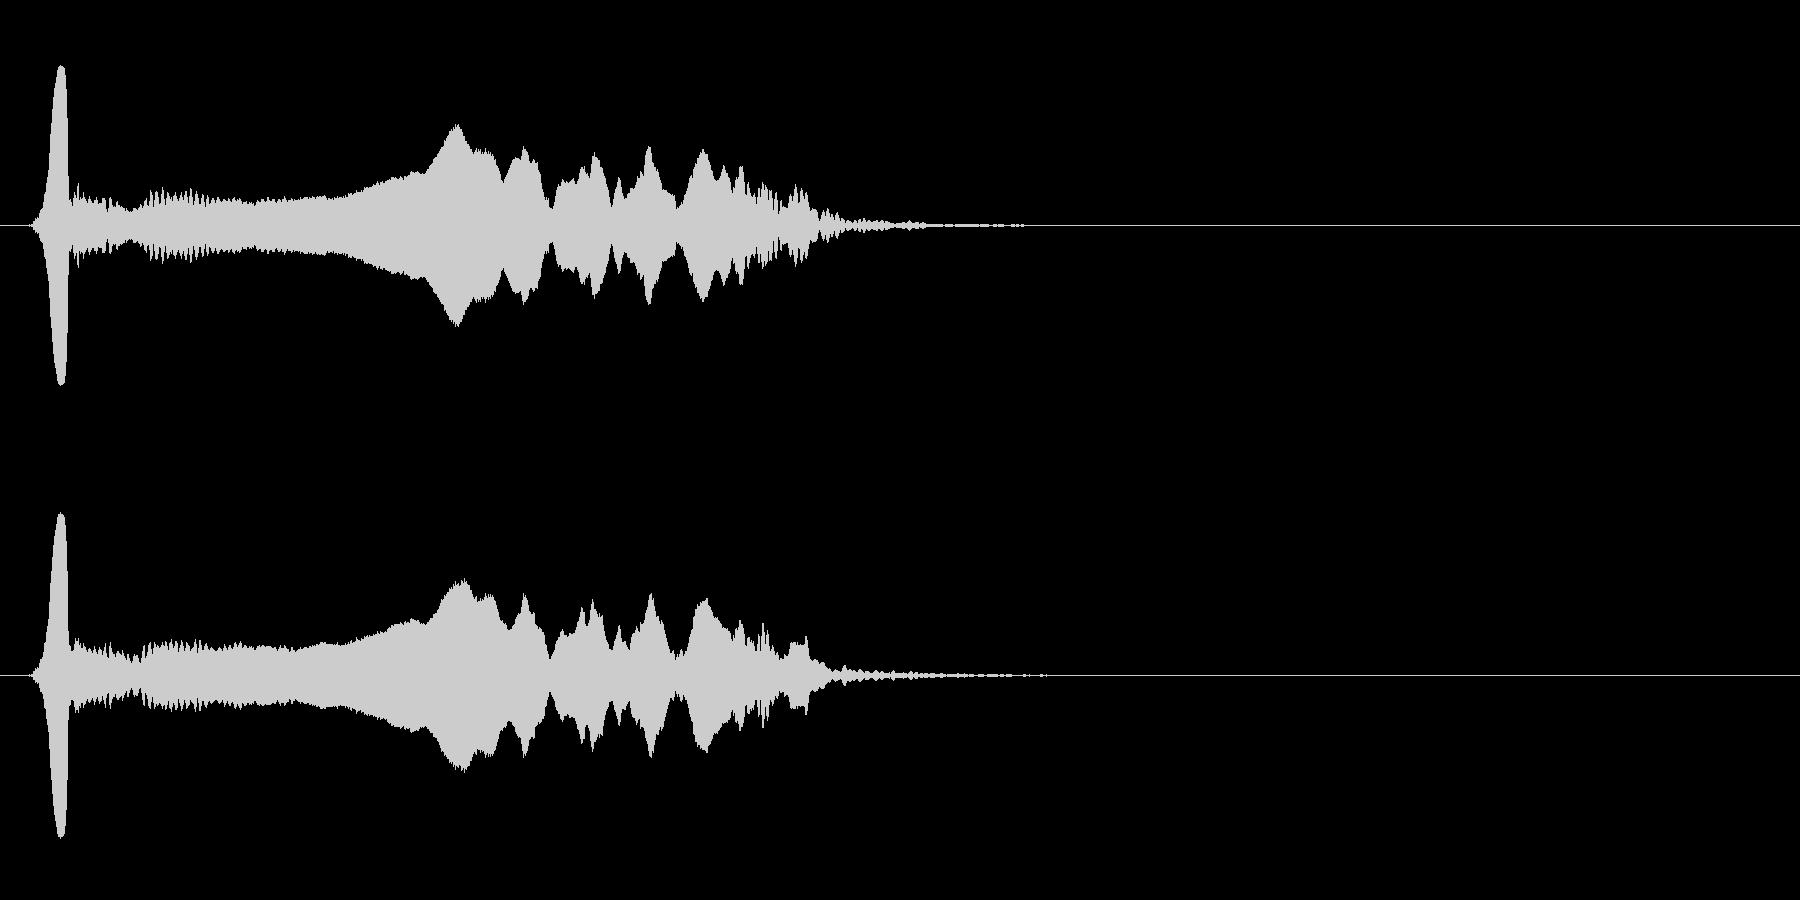 尺八 生演奏 古典風 残響音有 #19の未再生の波形